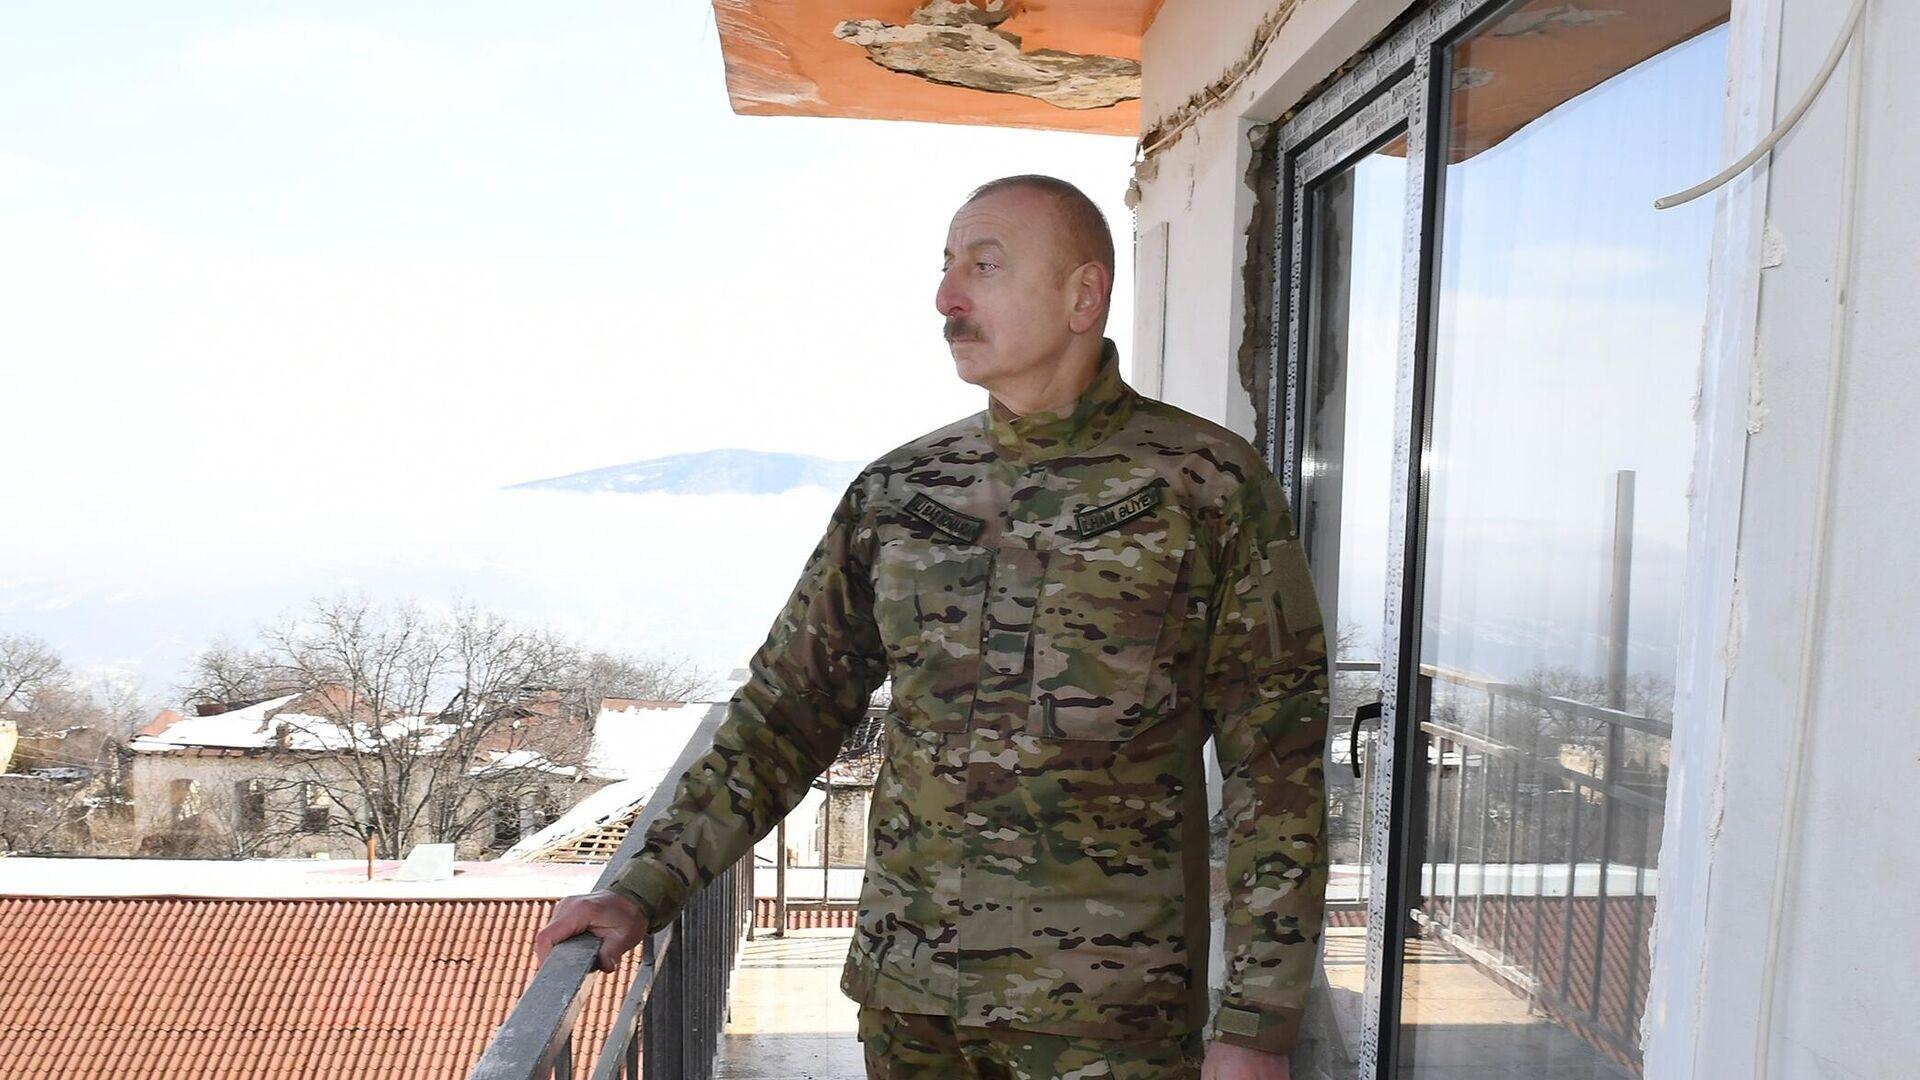 Президент Азербайджана Ильхам Алиев  во время посещения города Шуша - РИА Новости, 1920, 12.04.2021